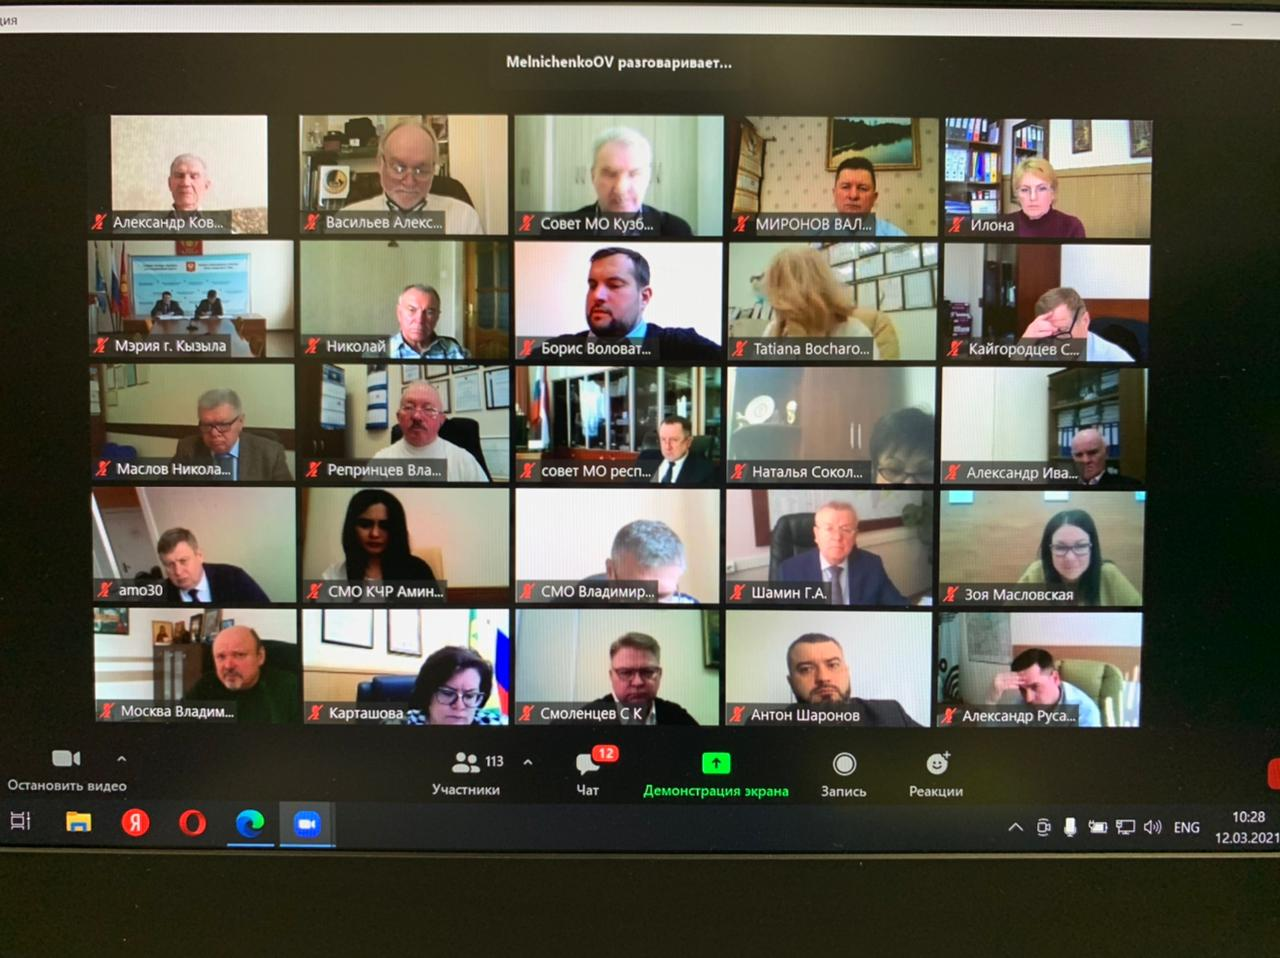 ВАРМСУ провела Всероссийское селекторное совещание                                      с руководителями и исполнительными директорами ассоциаций (Советов) муниципальных образований субъектов Российской Федерации.